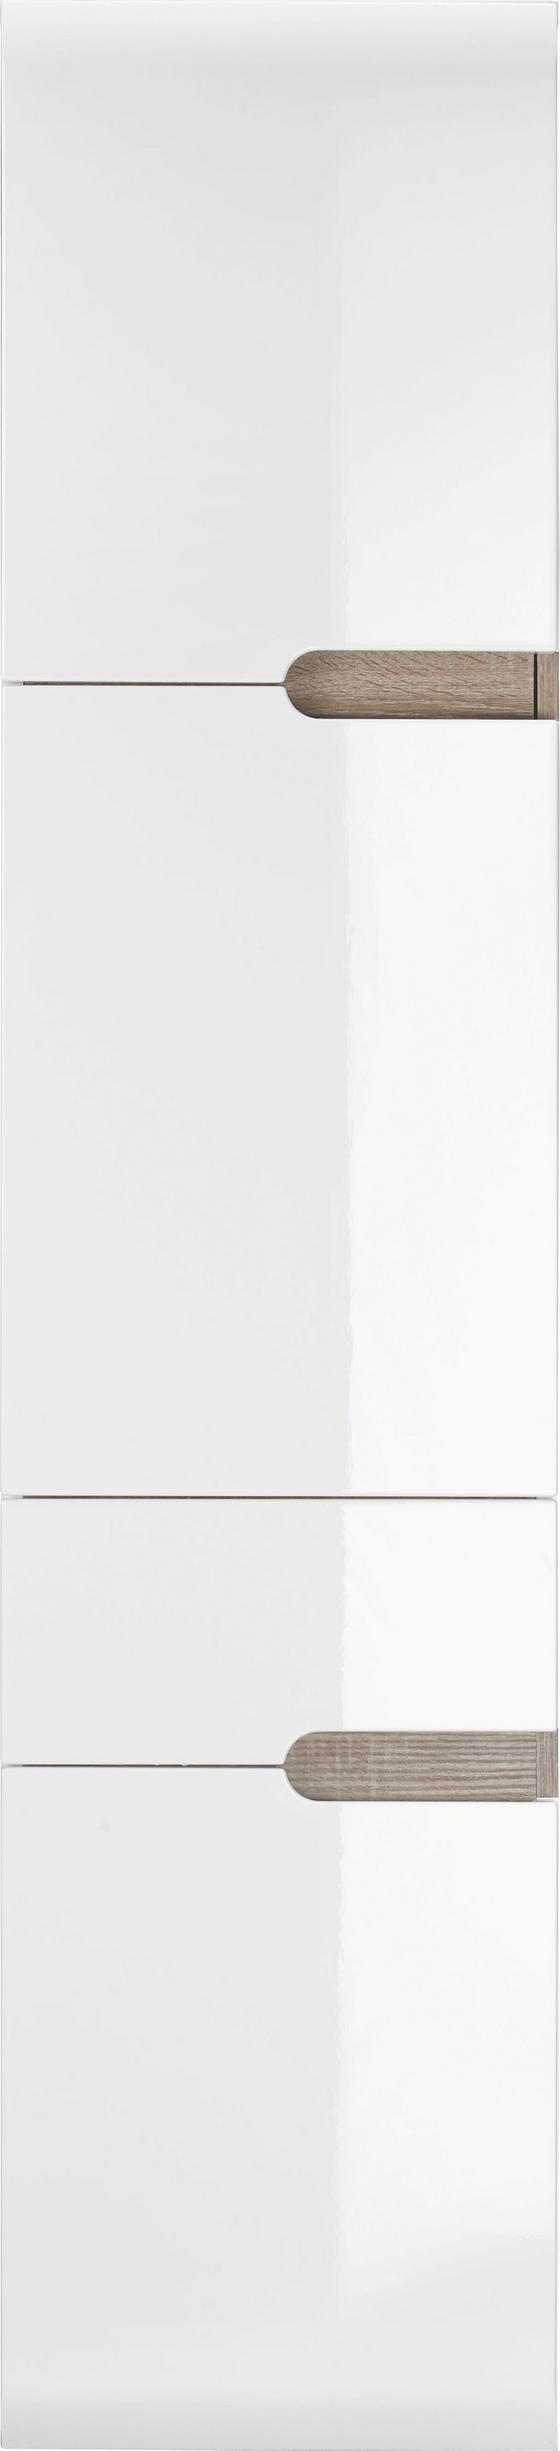 Vysoká Skriňa Linate Lavá - Moderný, kompozitné drevo (40/176/31cm)